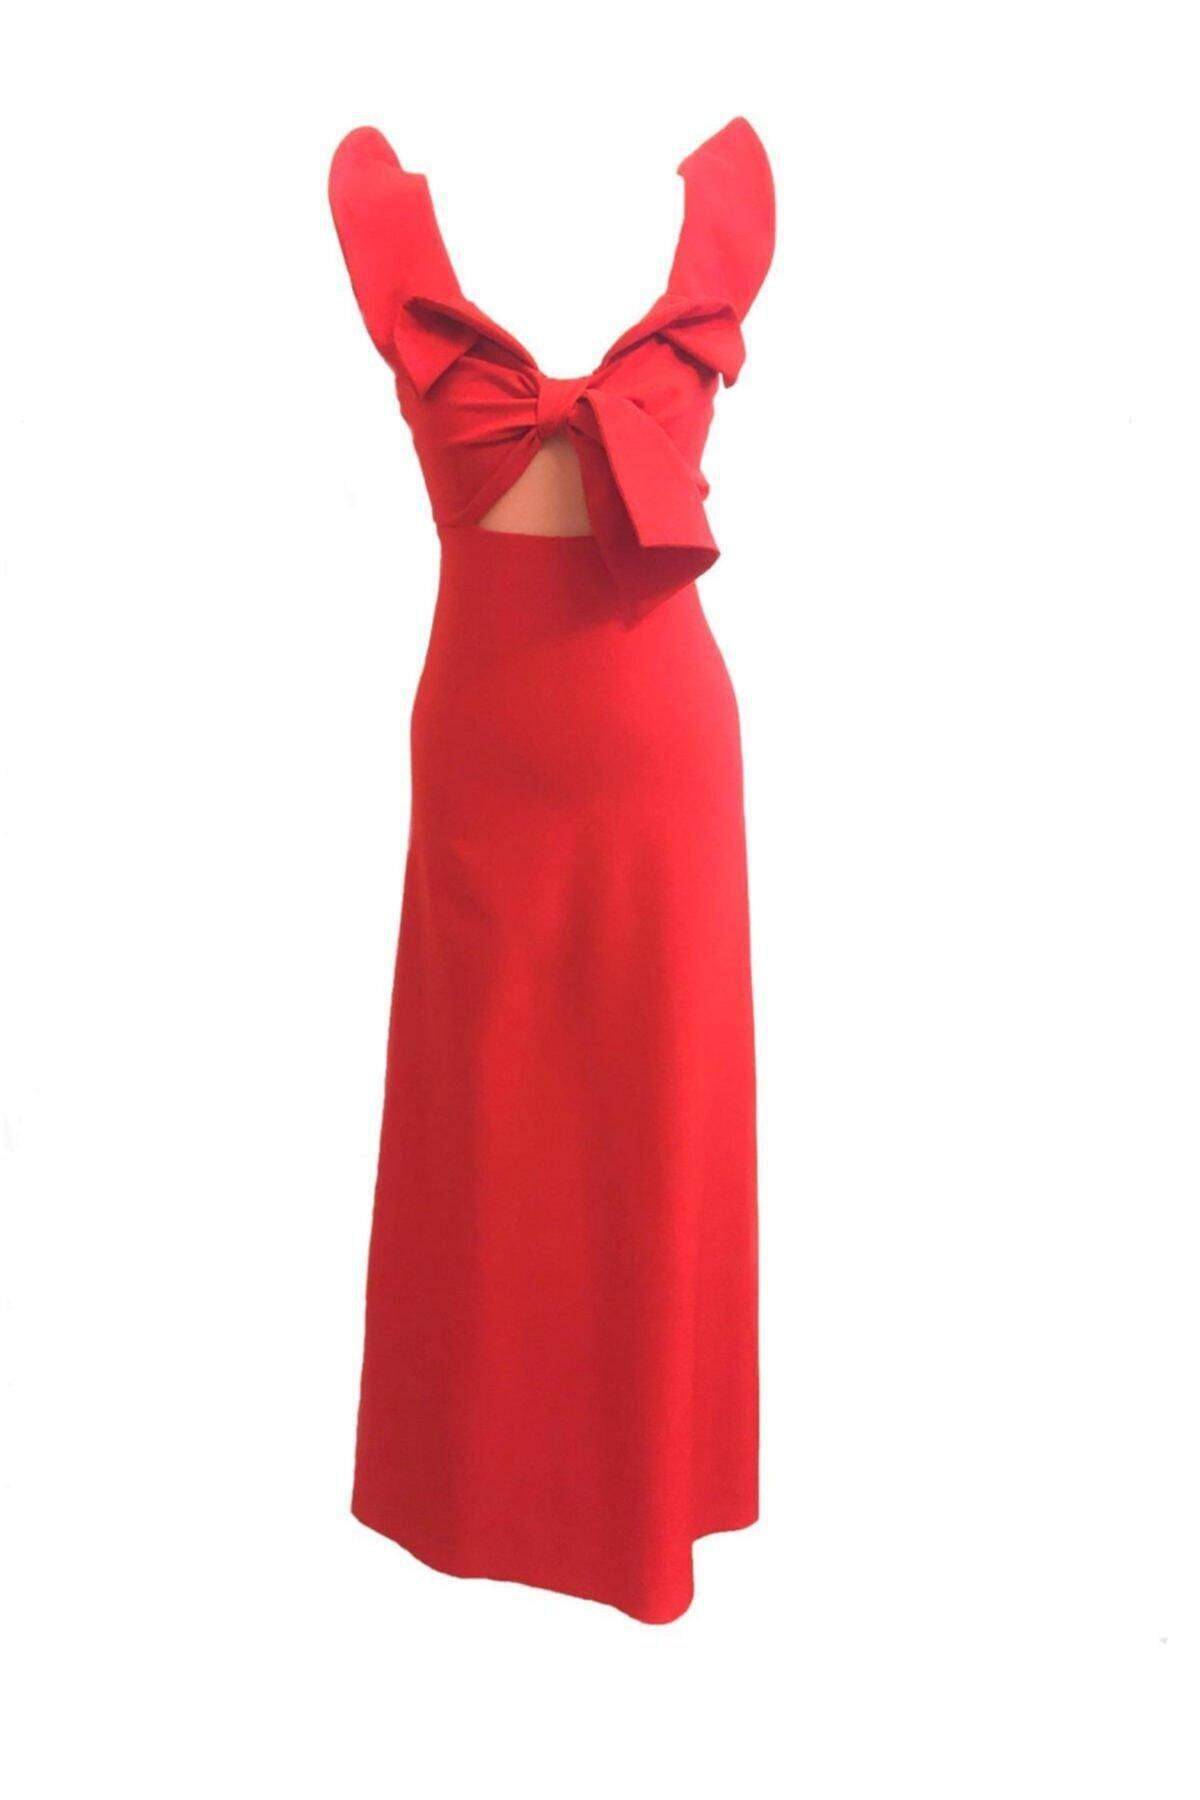 لباس مجلسی خاص زنانه برند Tuğçe Saray رنگ قرمز ty41187976